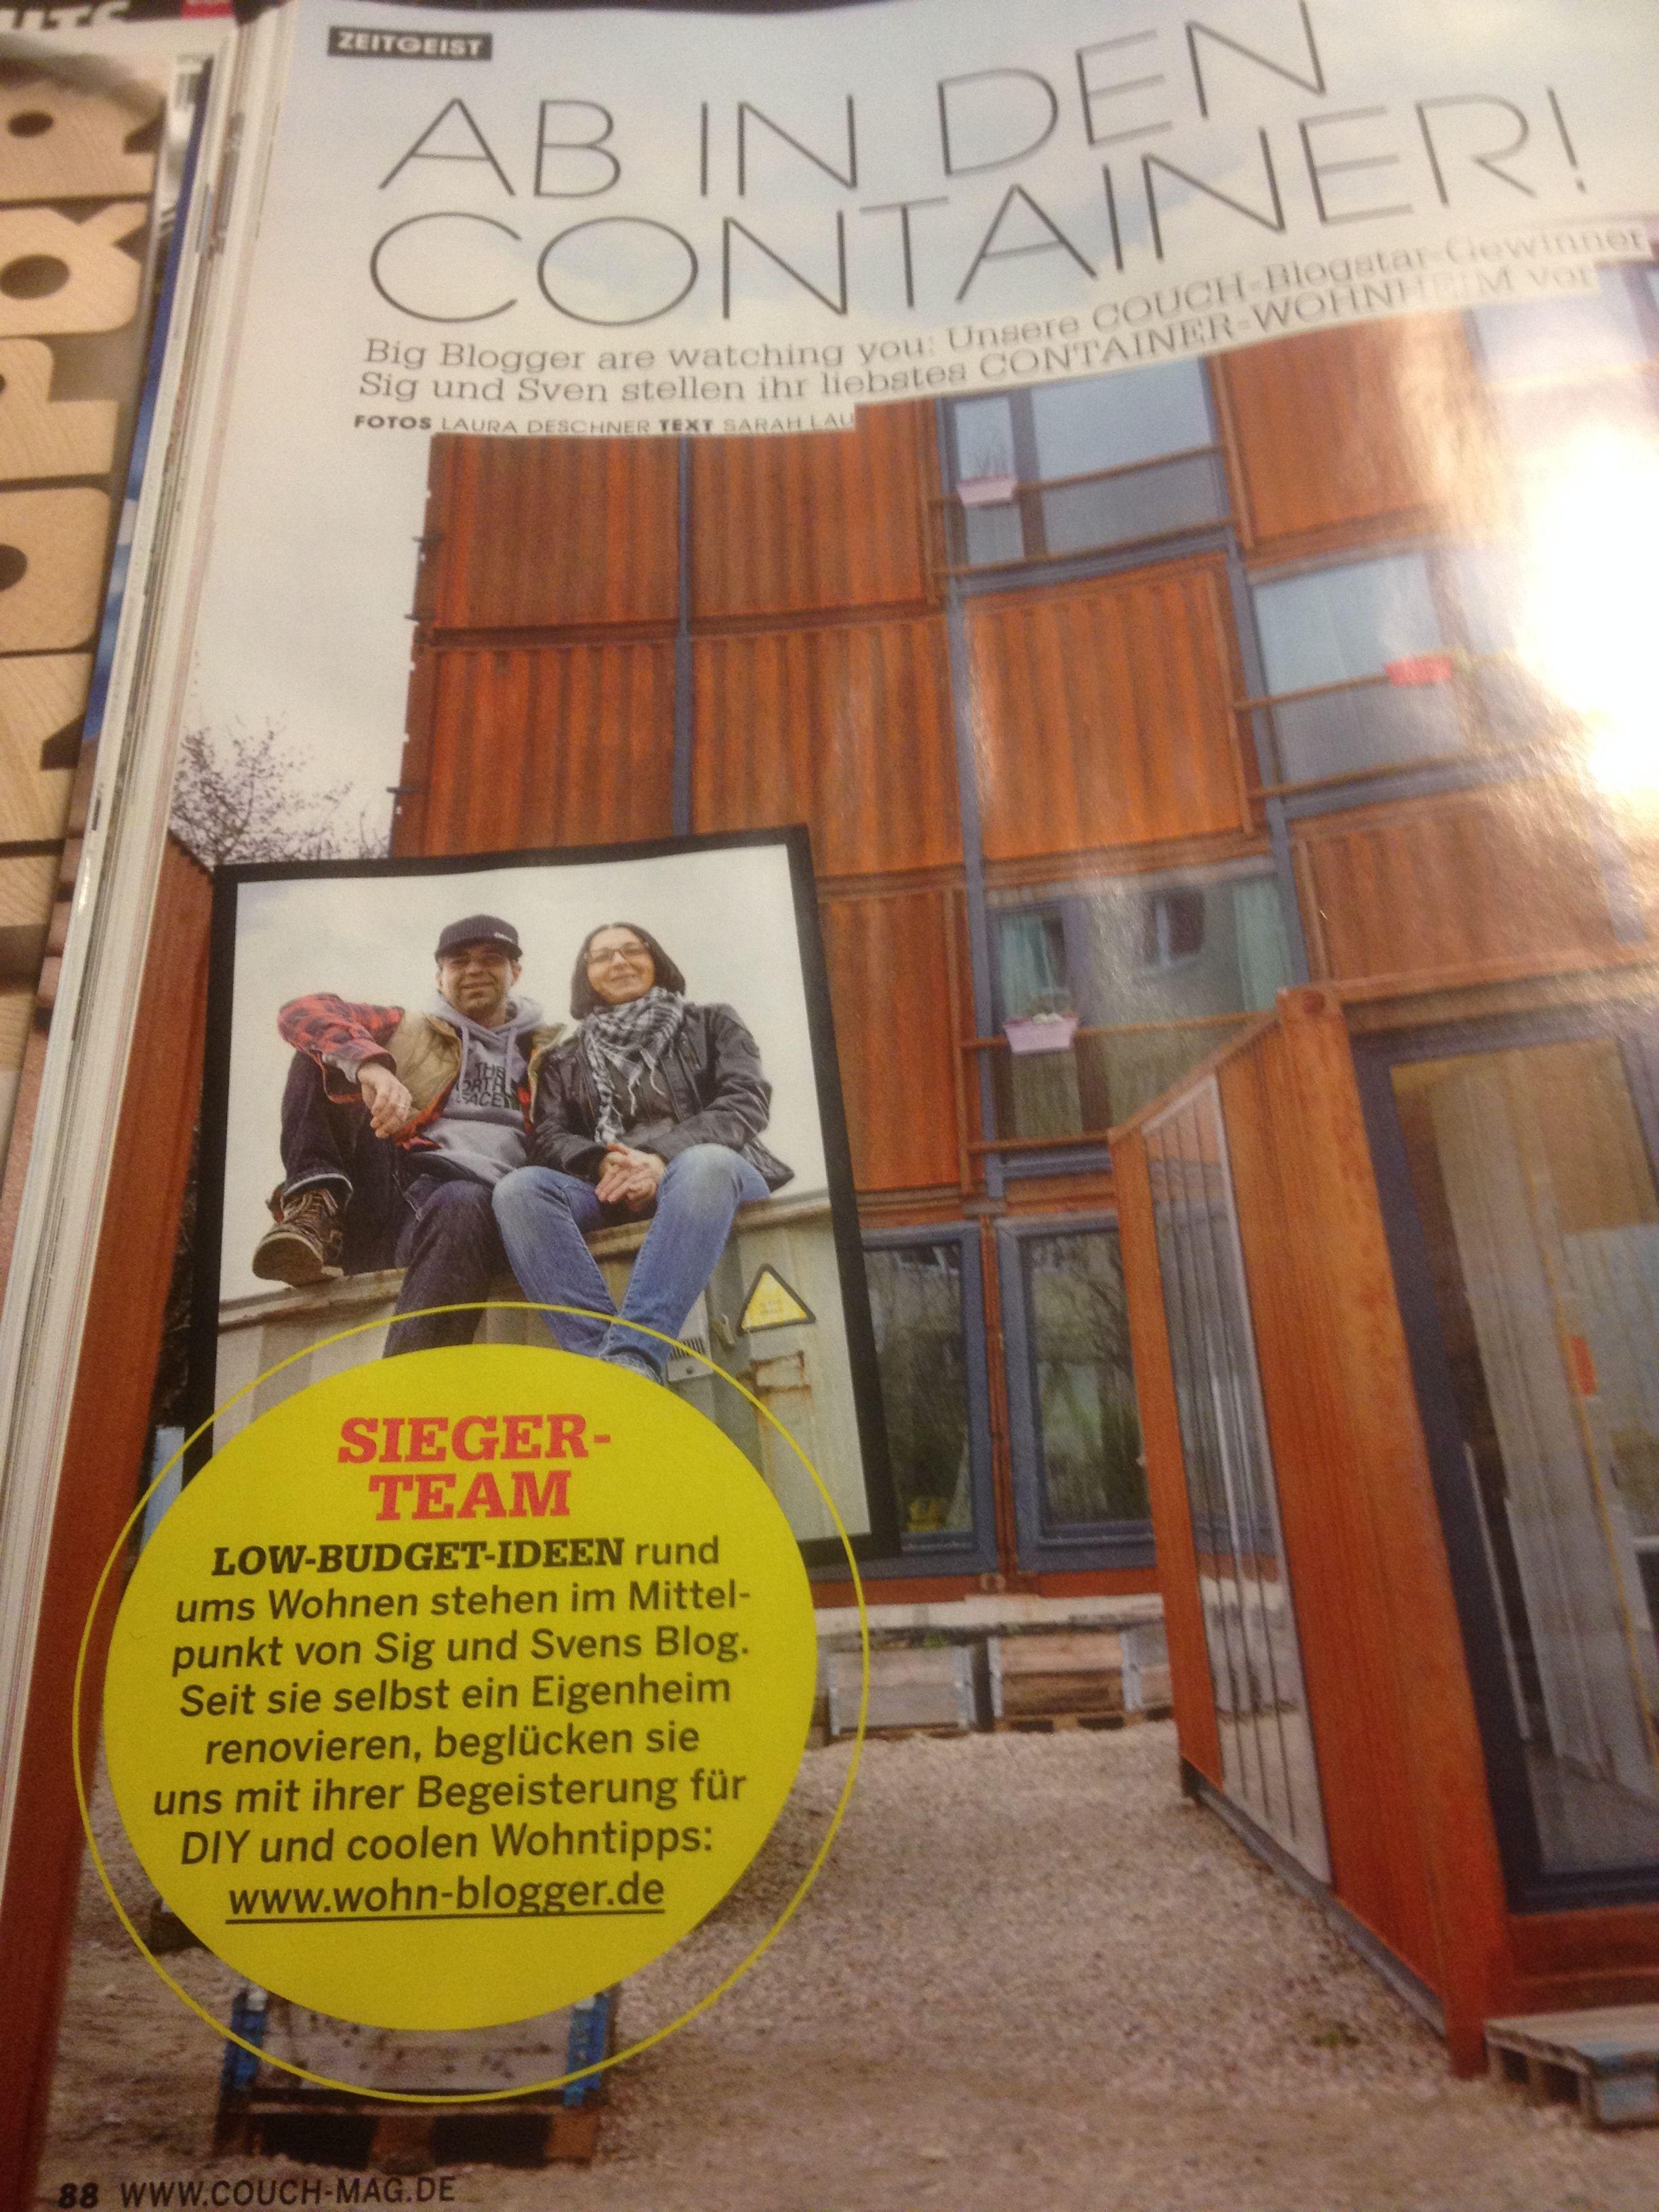 lautet eine Überschrift in der neuesten Ausgabe des Couch Magazins ...